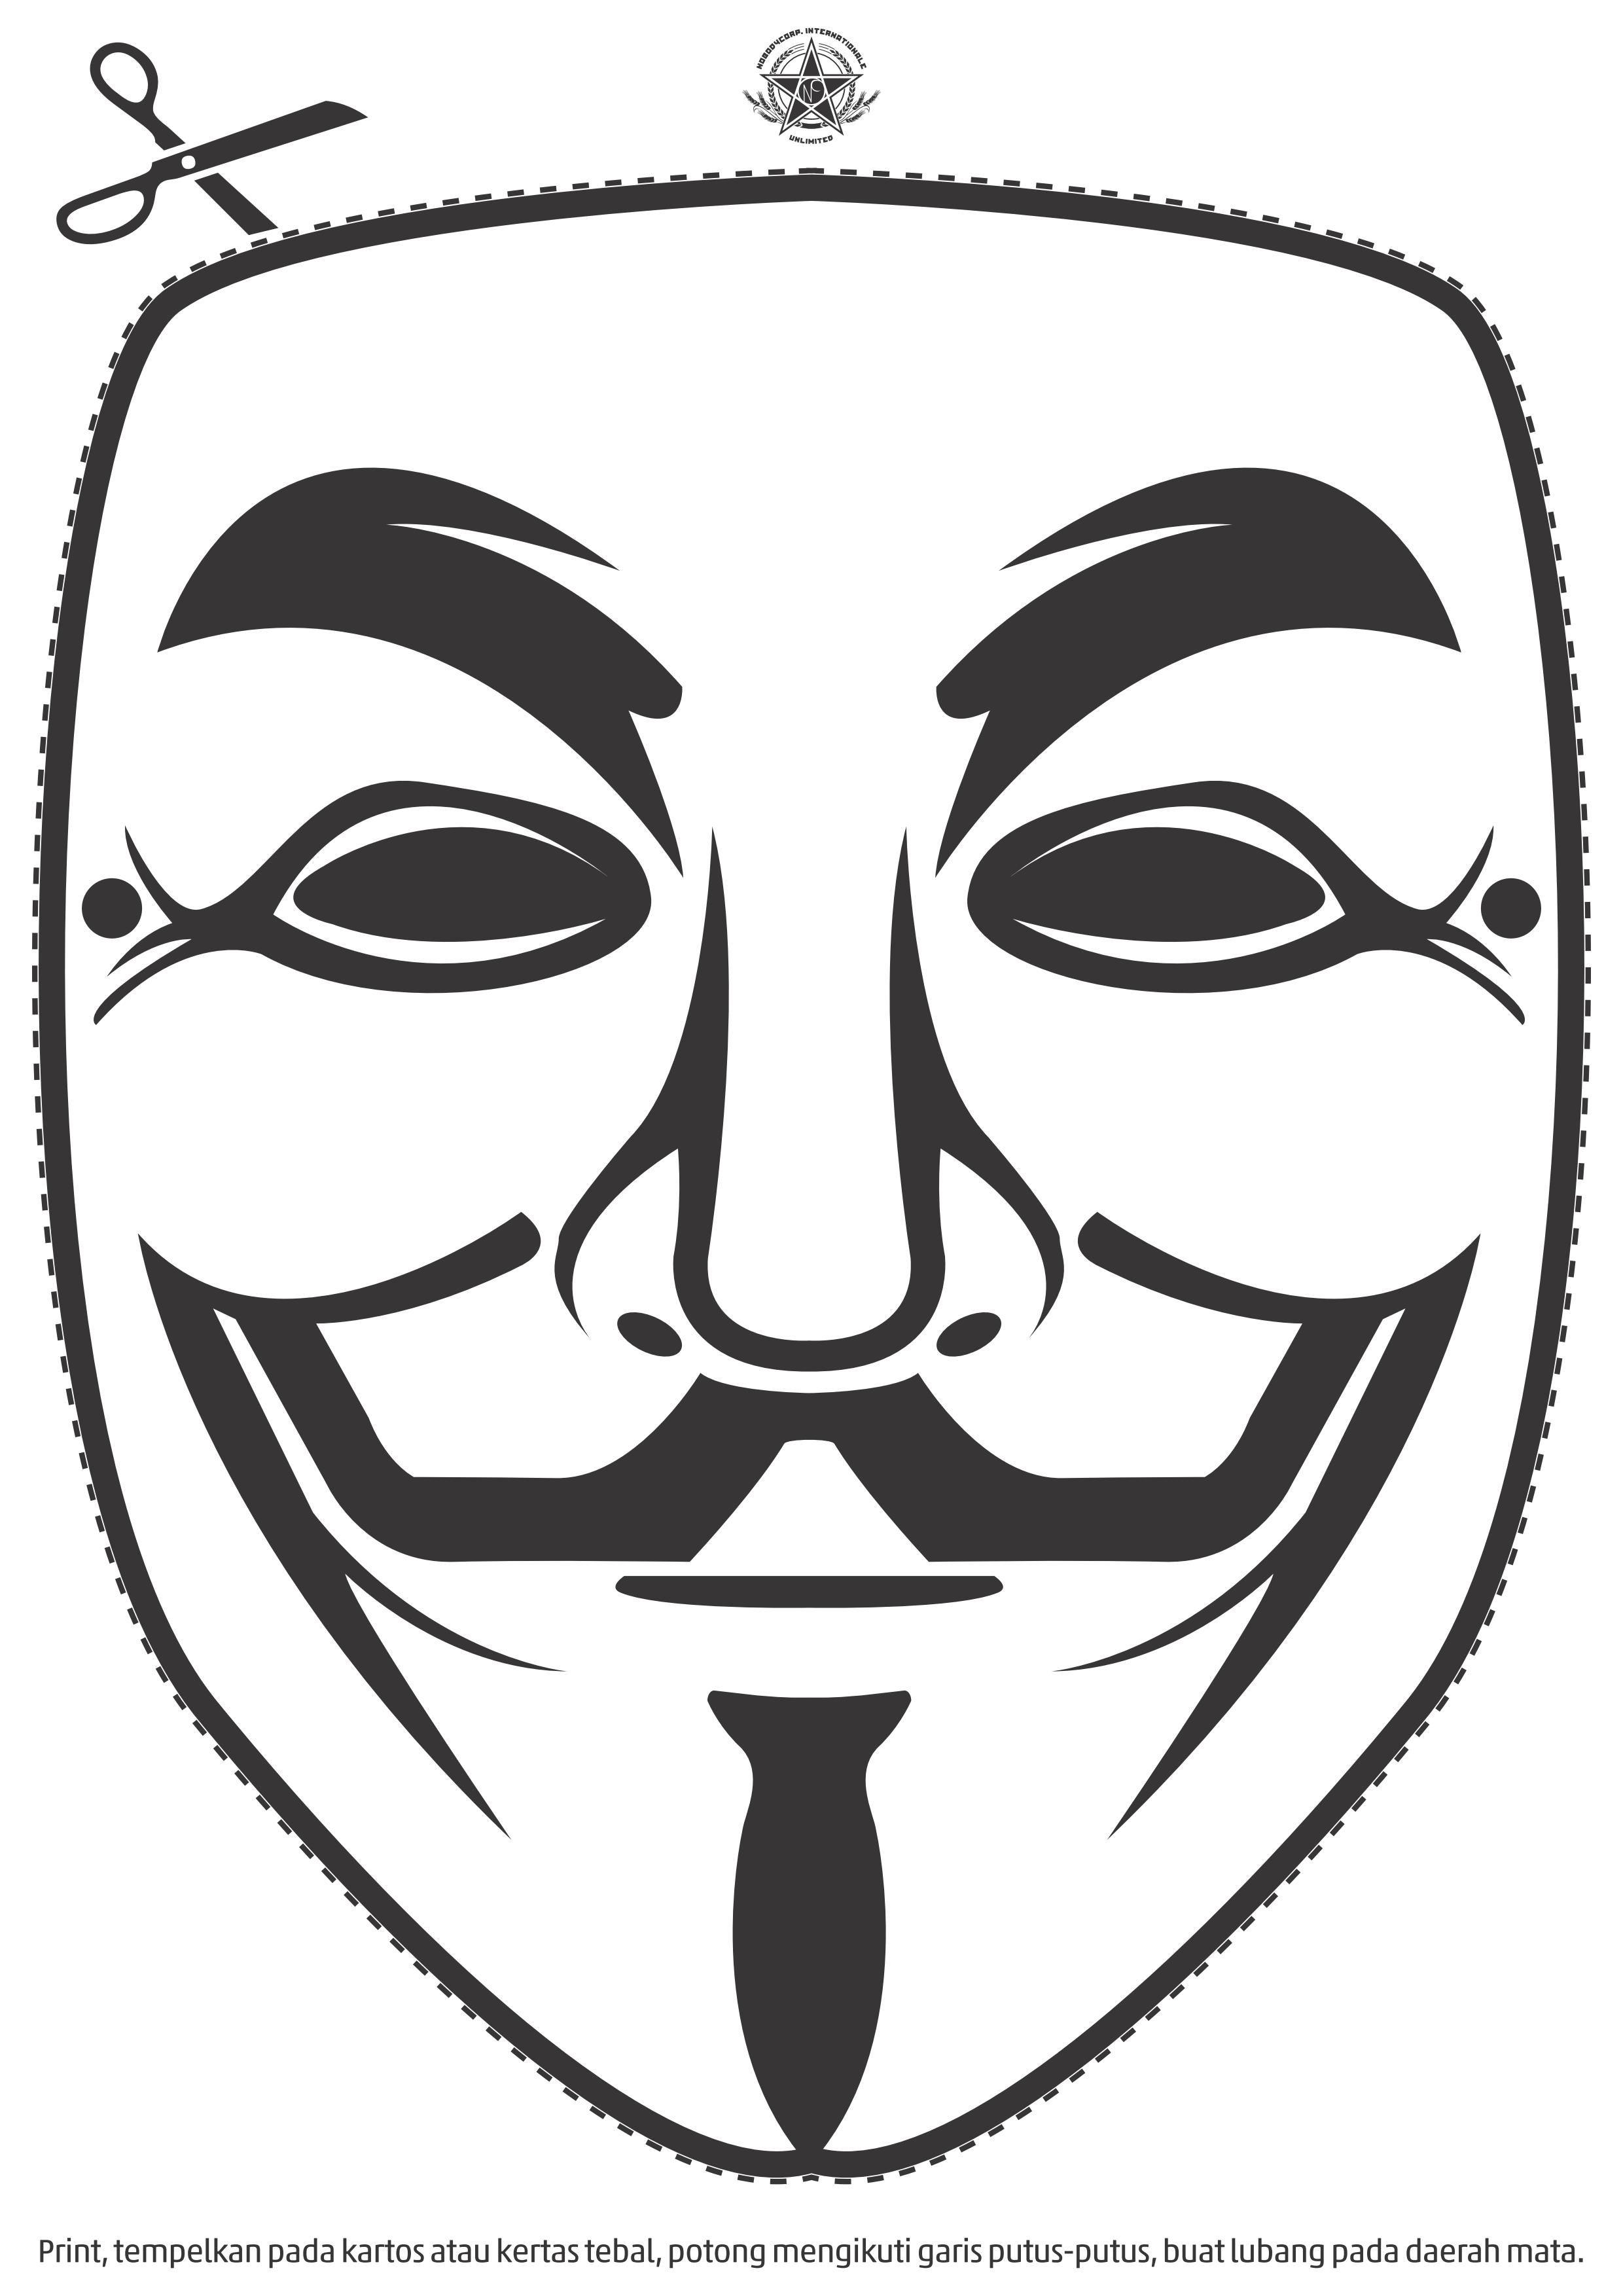 V For Vendetta Mask Stencil Occupy | Le Camera Pol...